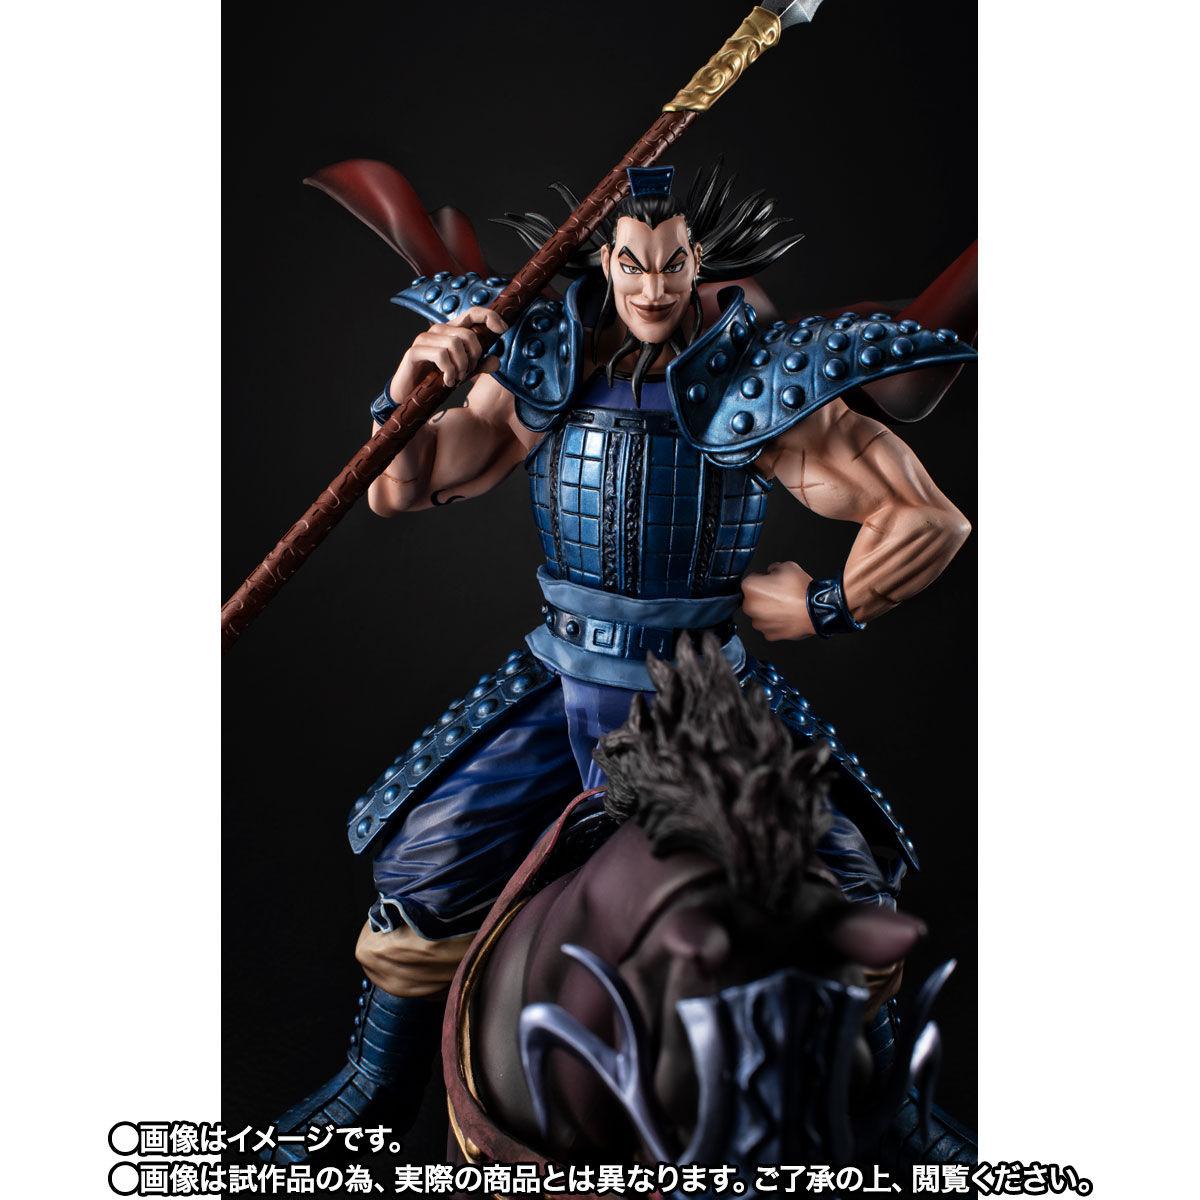 【限定販売】フィギュアーツZERO『王騎 -出陣-』キングダム 完成品フィギュア-006